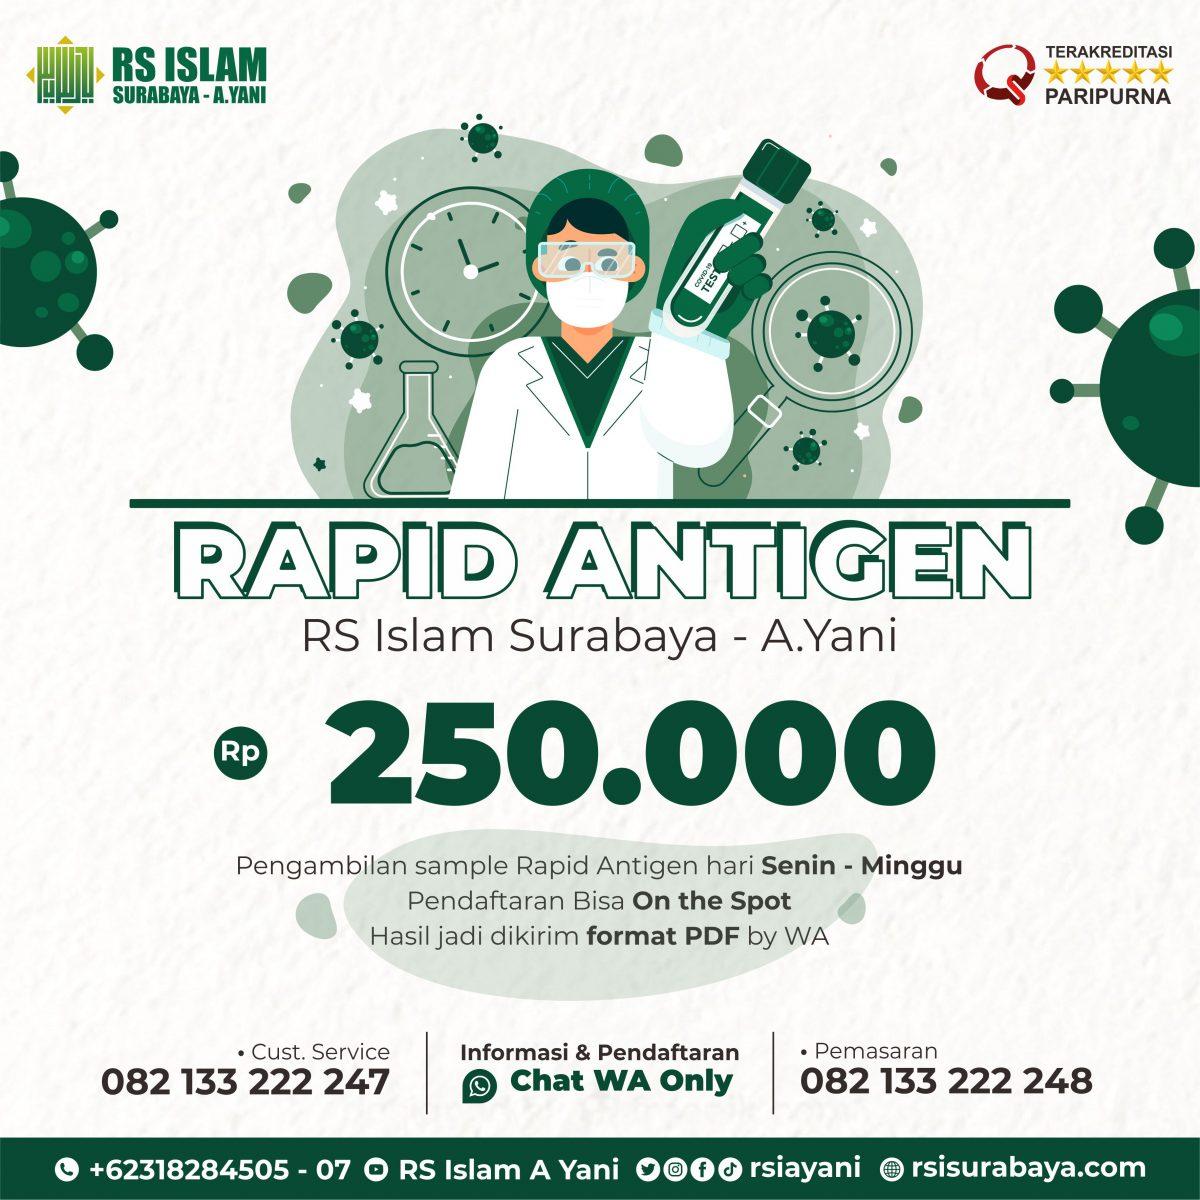 Antigen-3-1200x1200.jpg